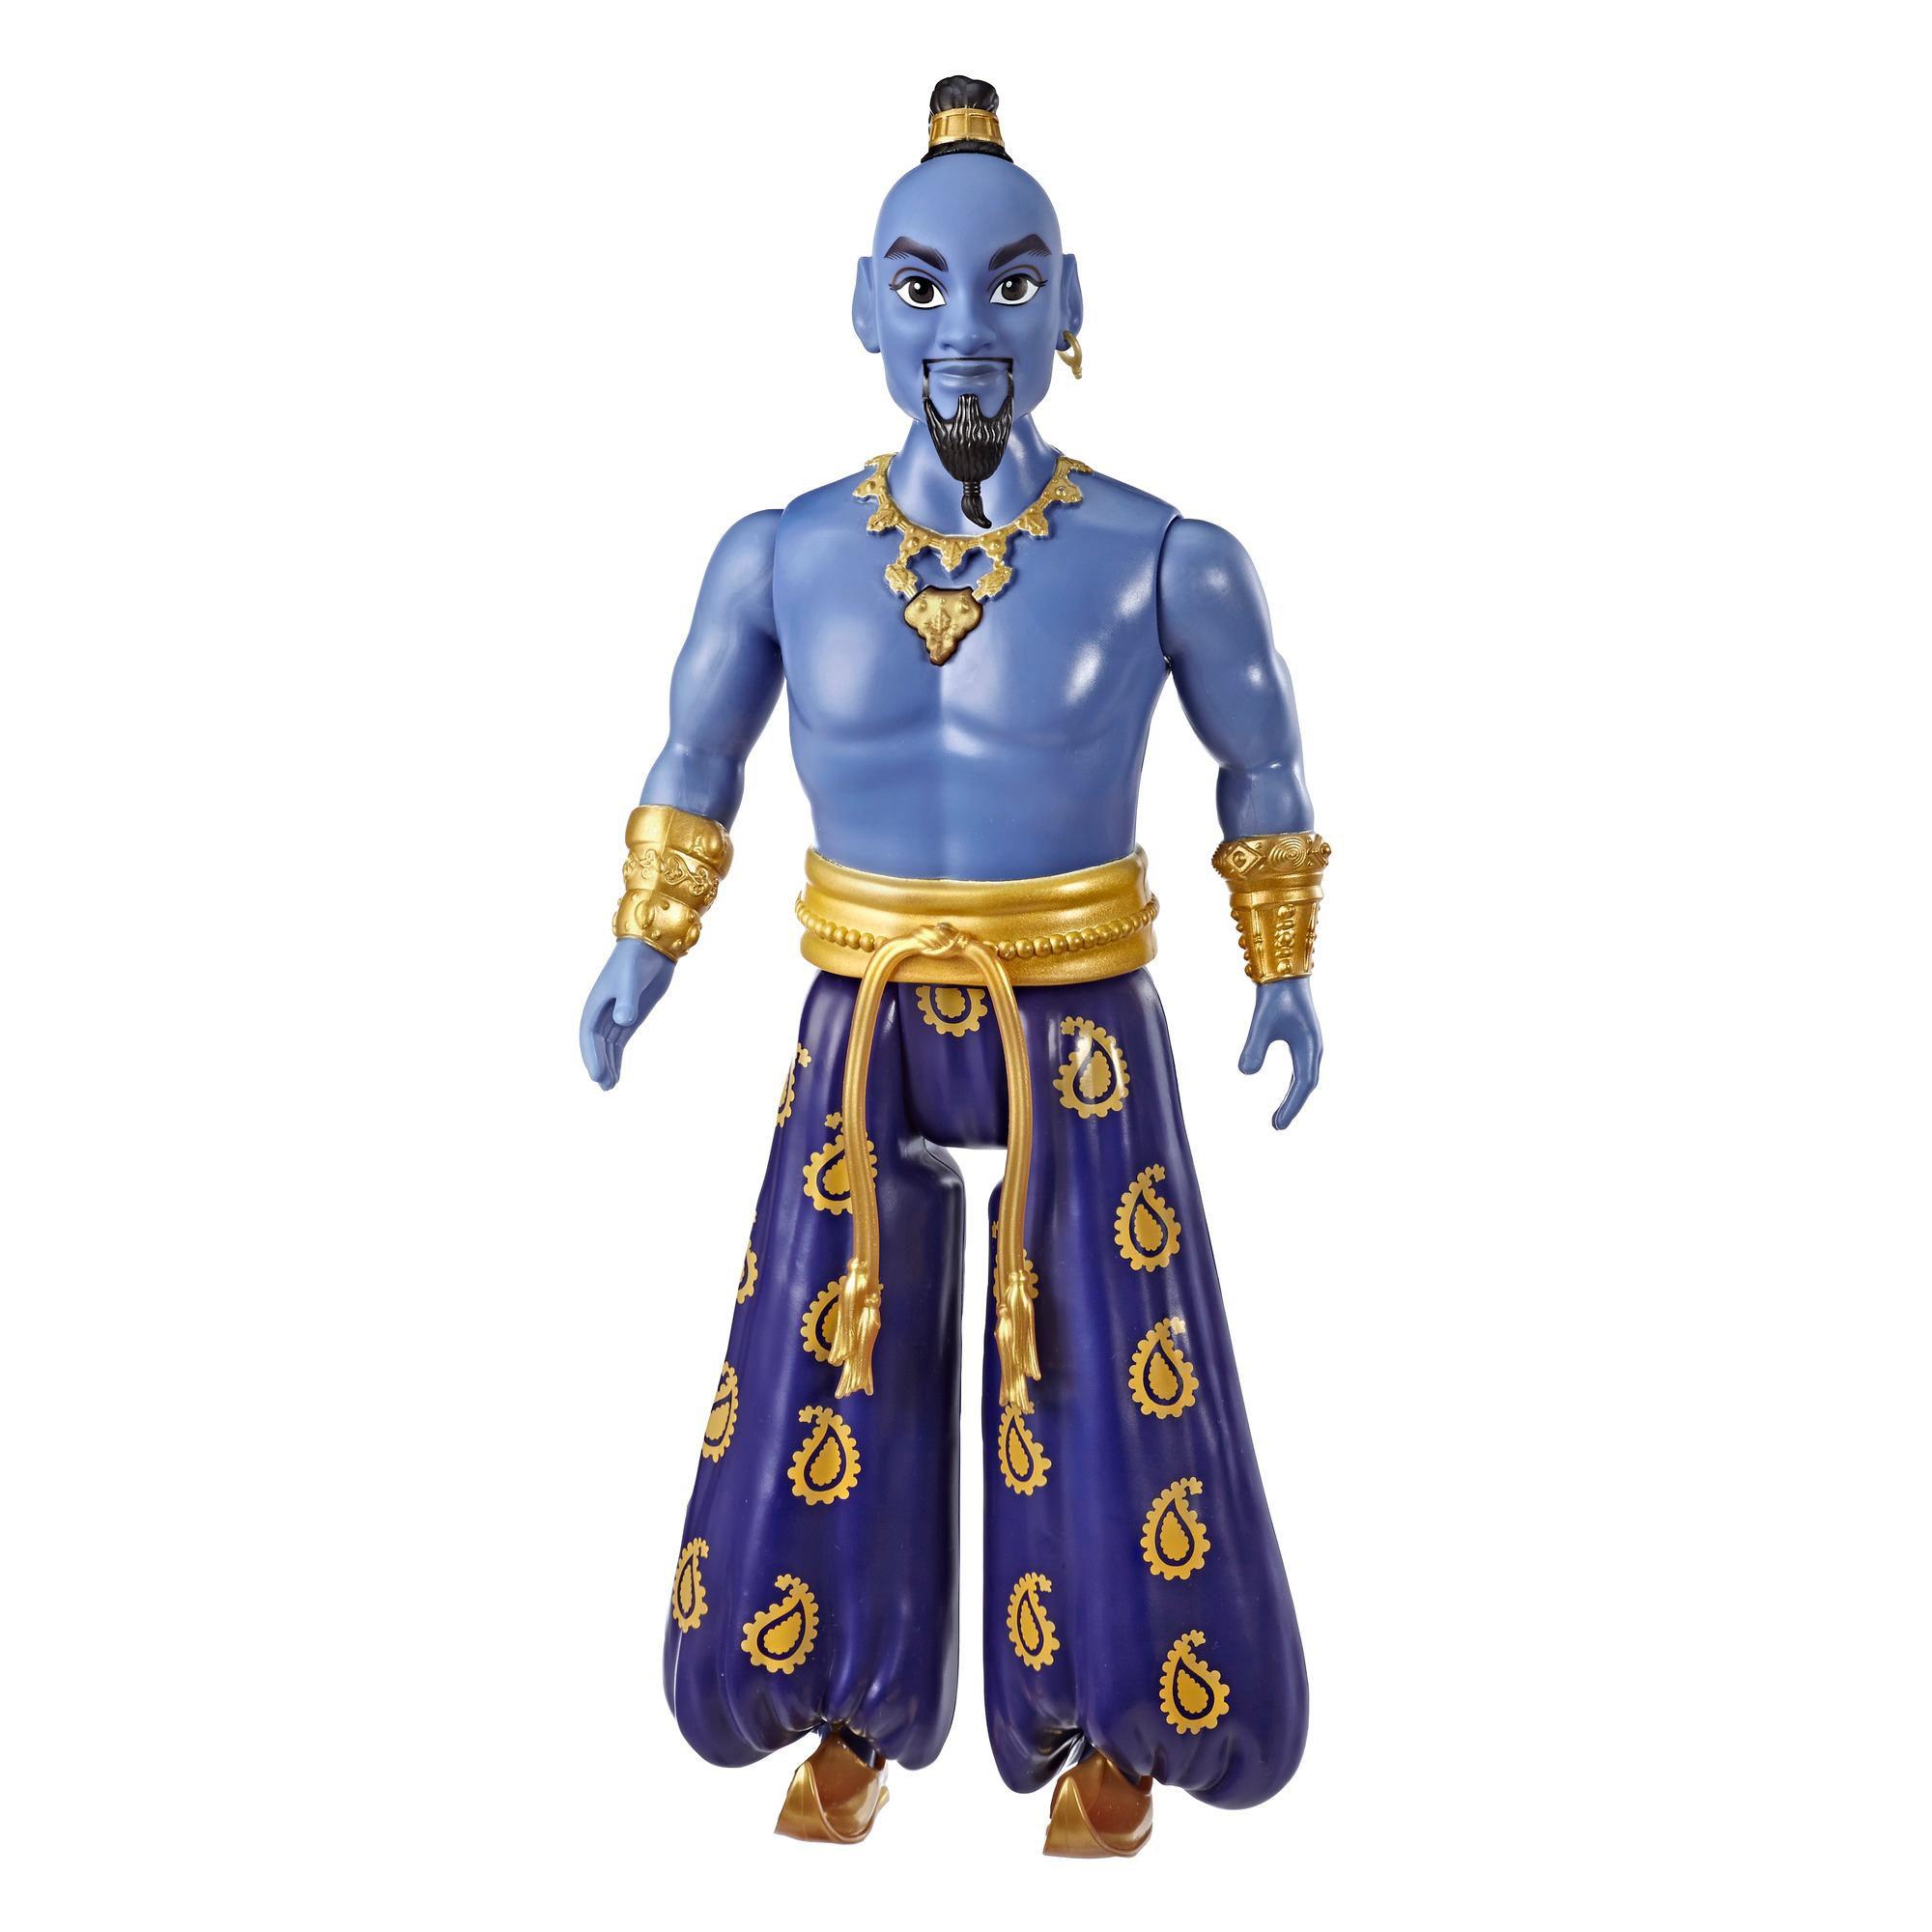 Boneco Genio Cantor E5409 do Filme Aladdin 2019 - Hasbro